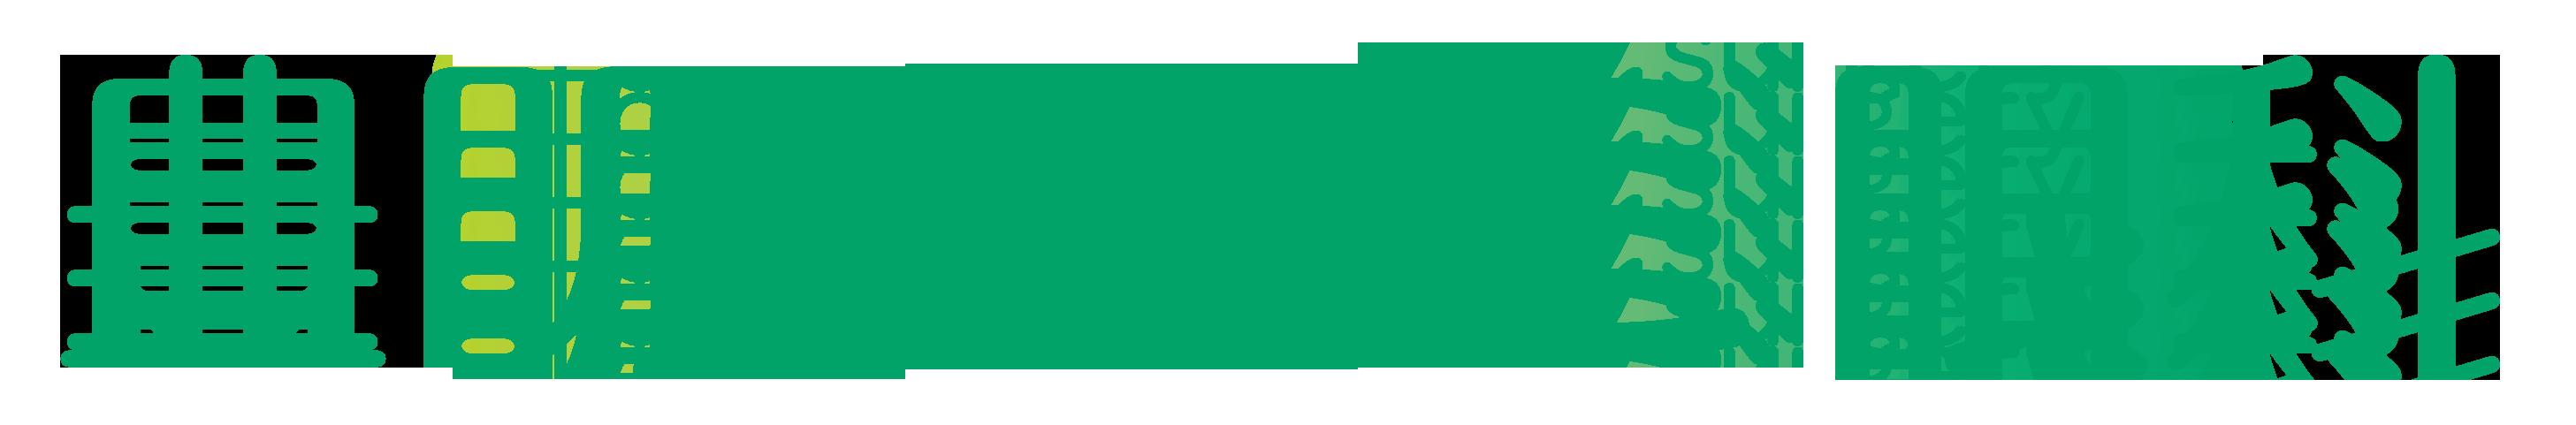 豊明ぜんご眼科|愛知県豊明市 一般眼科 小児眼科 日帰り硝子体手術  日帰り白内障手術 オルソケラトロジー